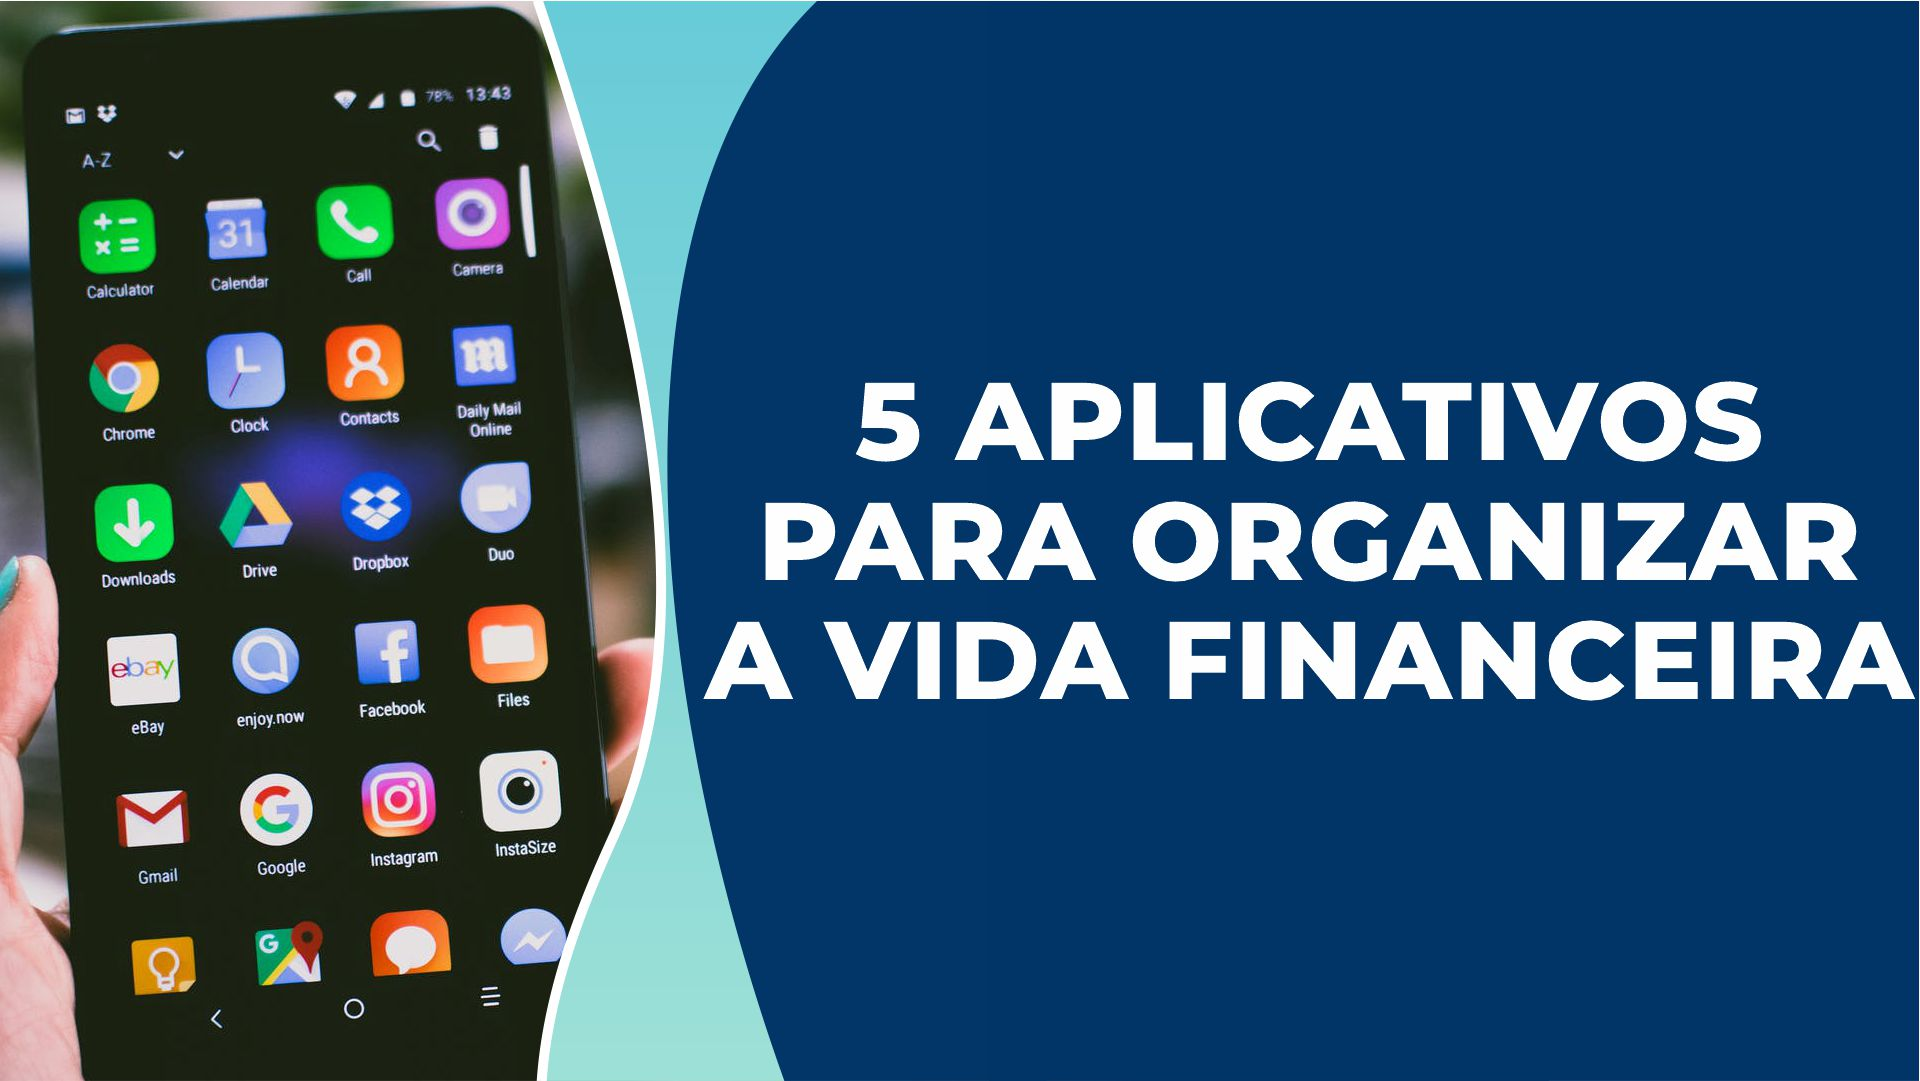 5 Aplicativos para organizar as finanças pessoais e se livrar de dívidas